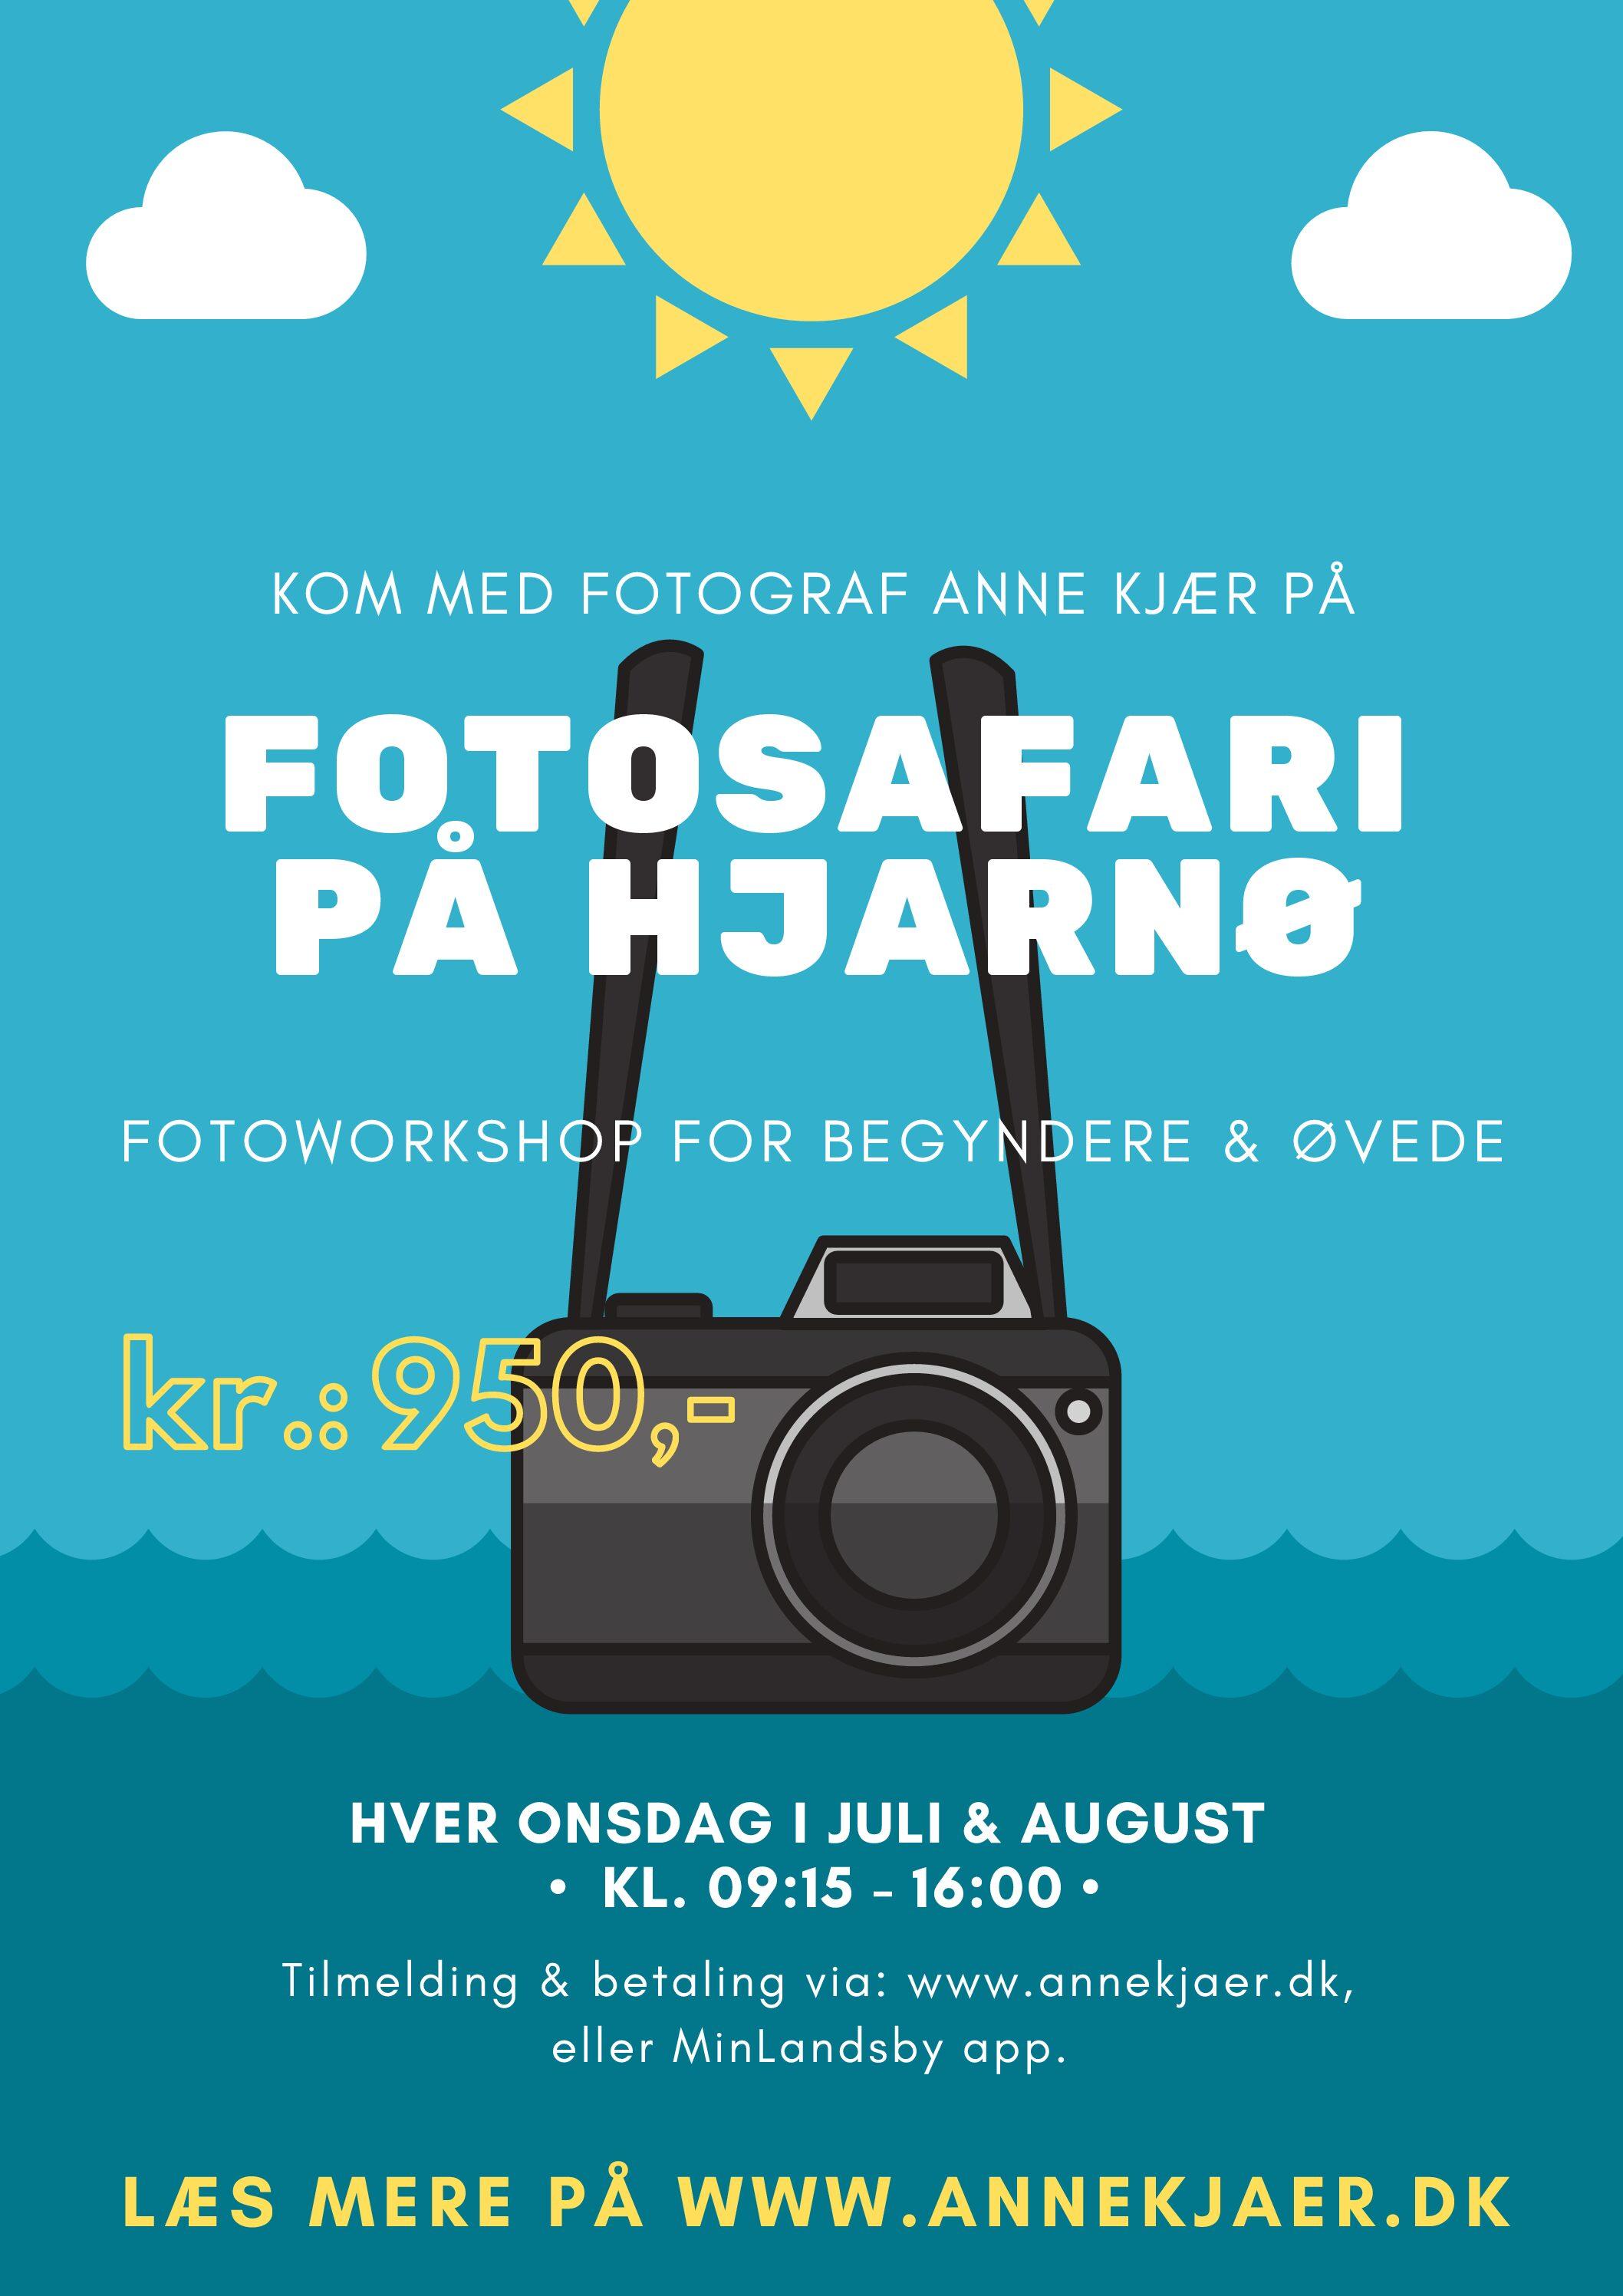 Kopi af Fotosafari på hjarnø-5